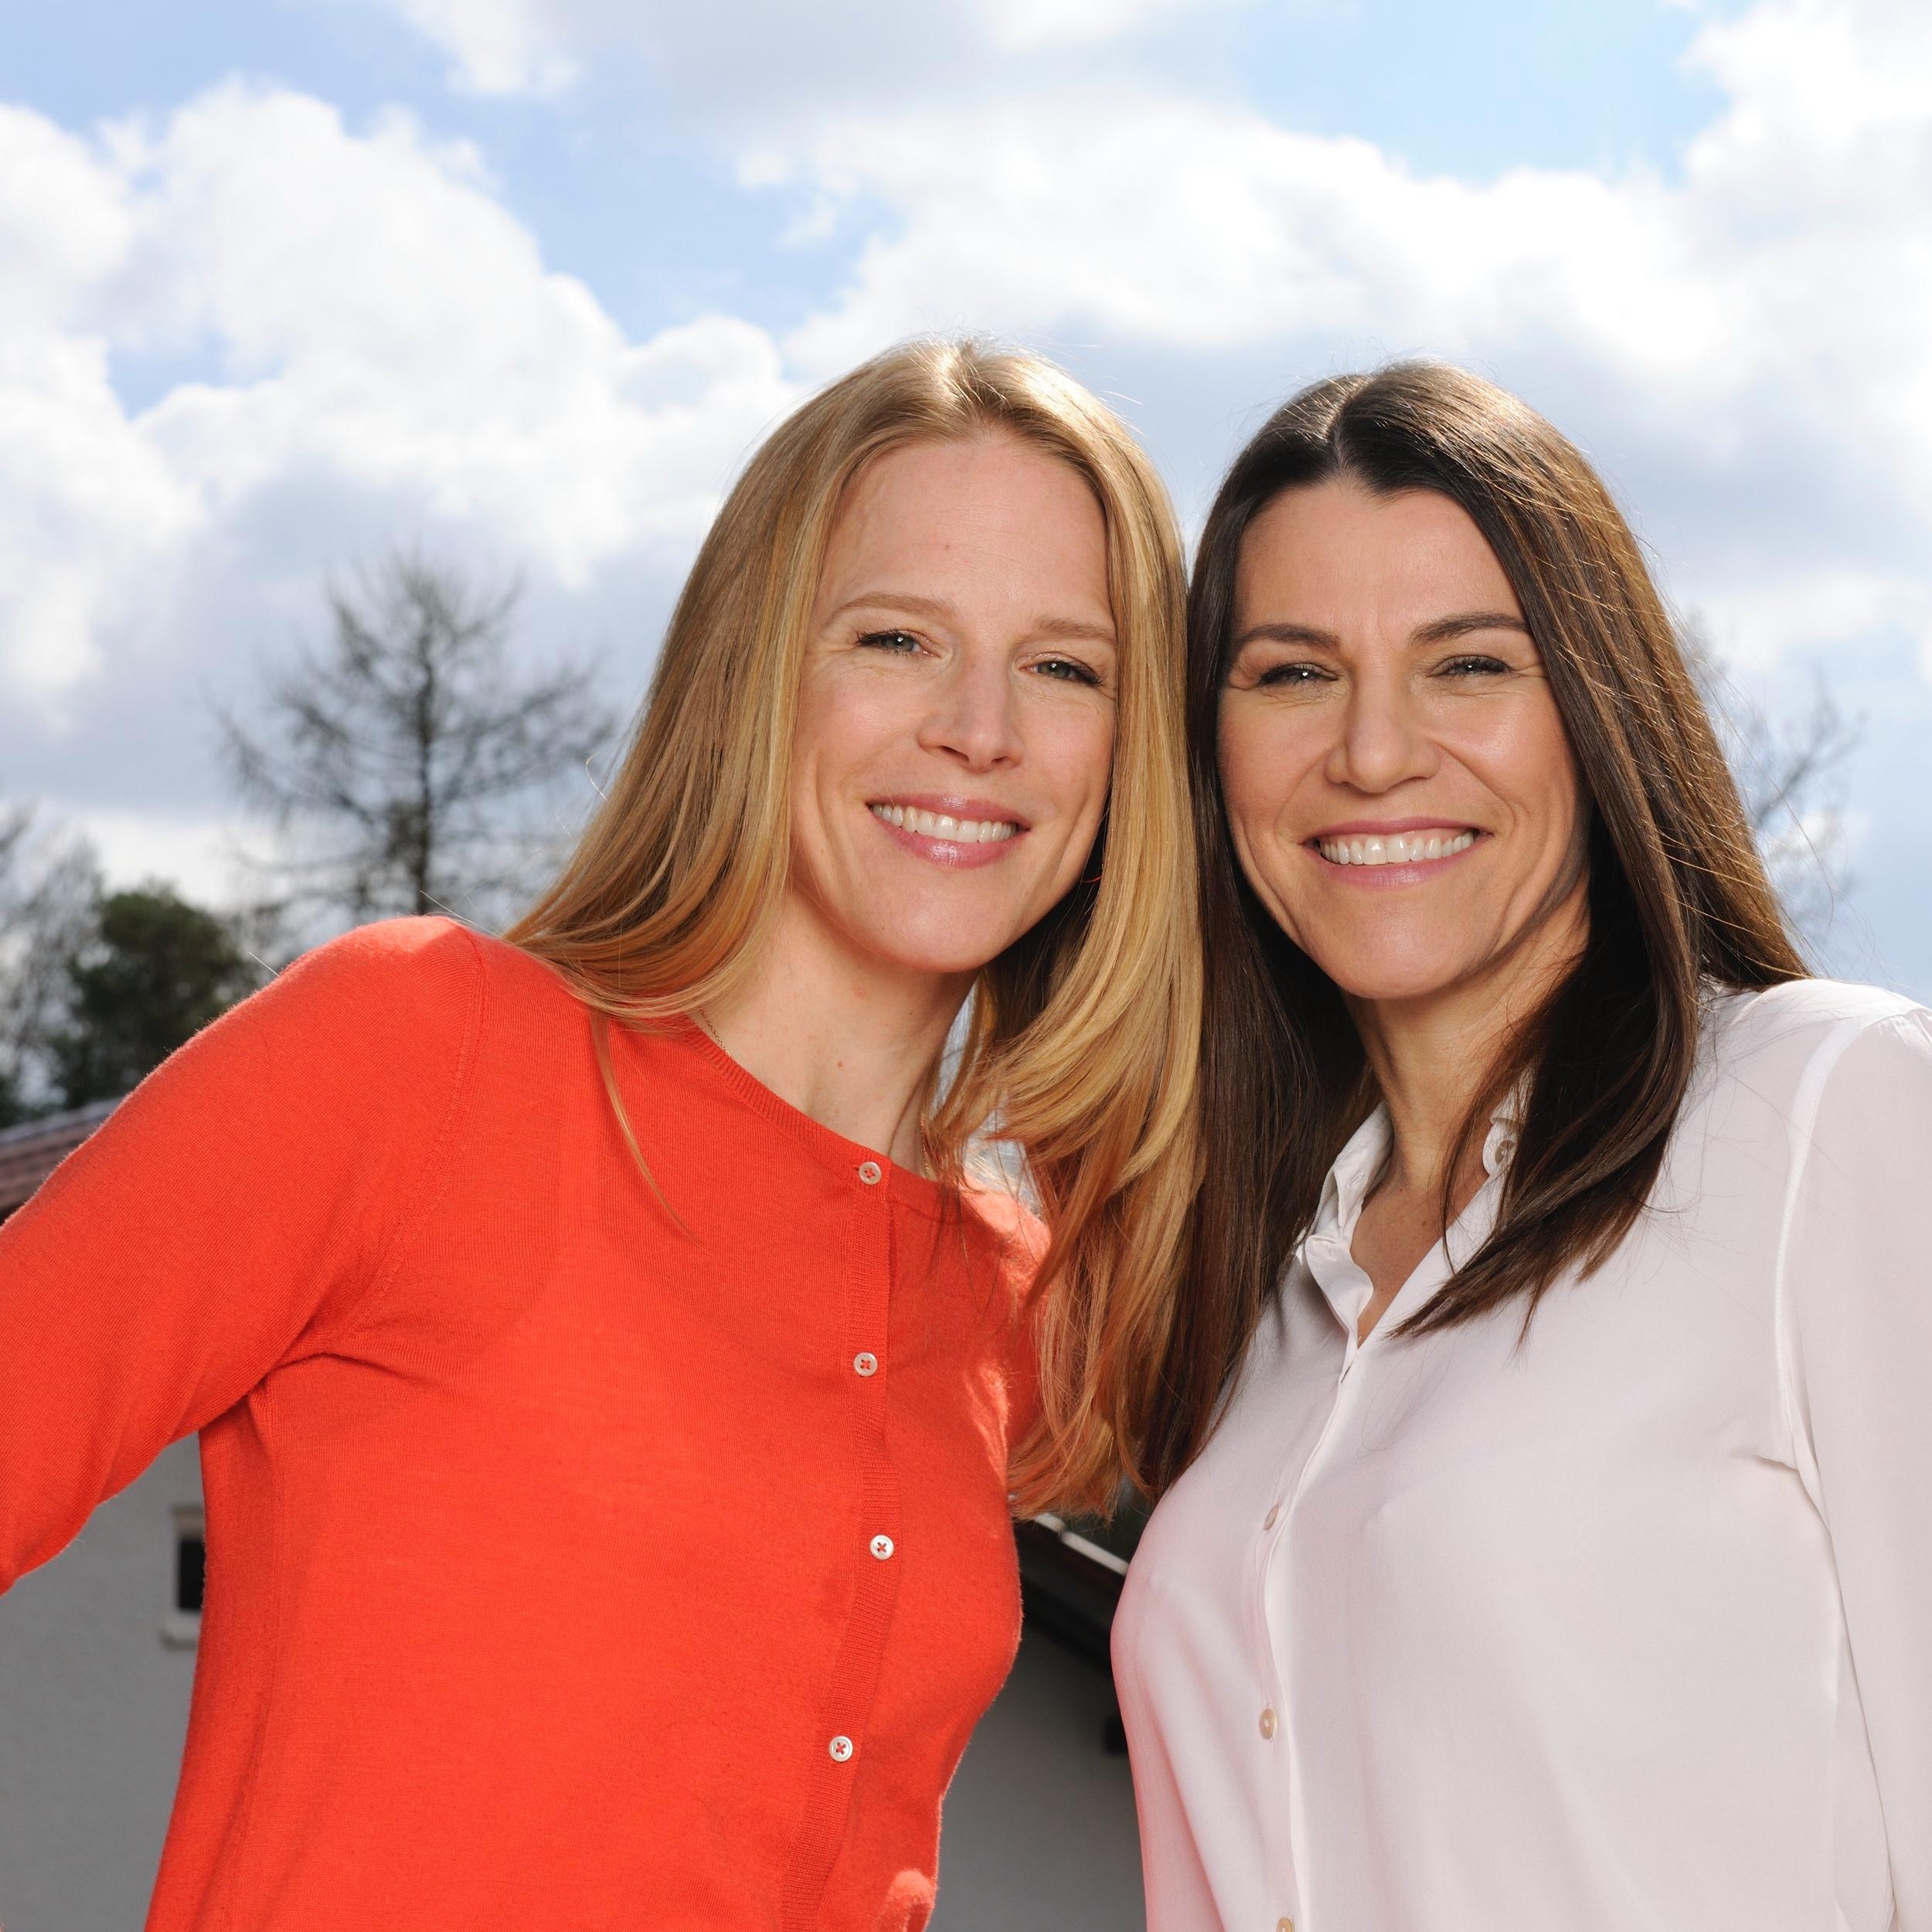 Julie Gorkow & Marion Kiechle - haben gemeinsam den Bestseller »Tag für Tag jünger« geschrieben und arbeiten derzeit am nächsten Buch.